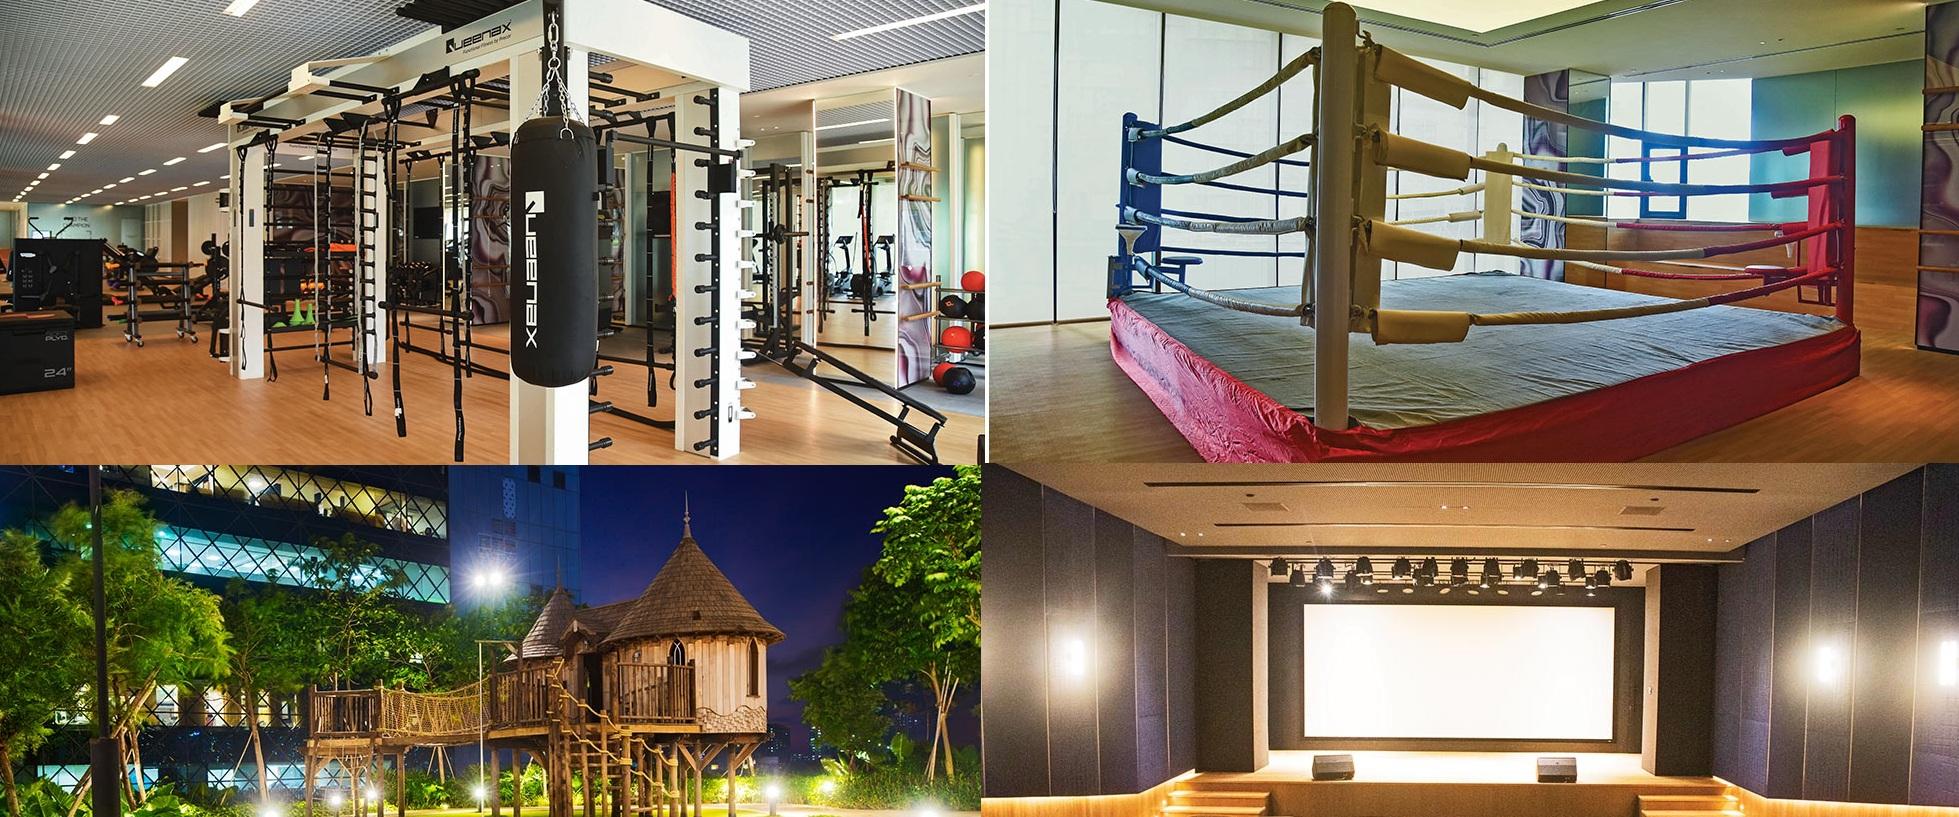 lodha allura amenities features8